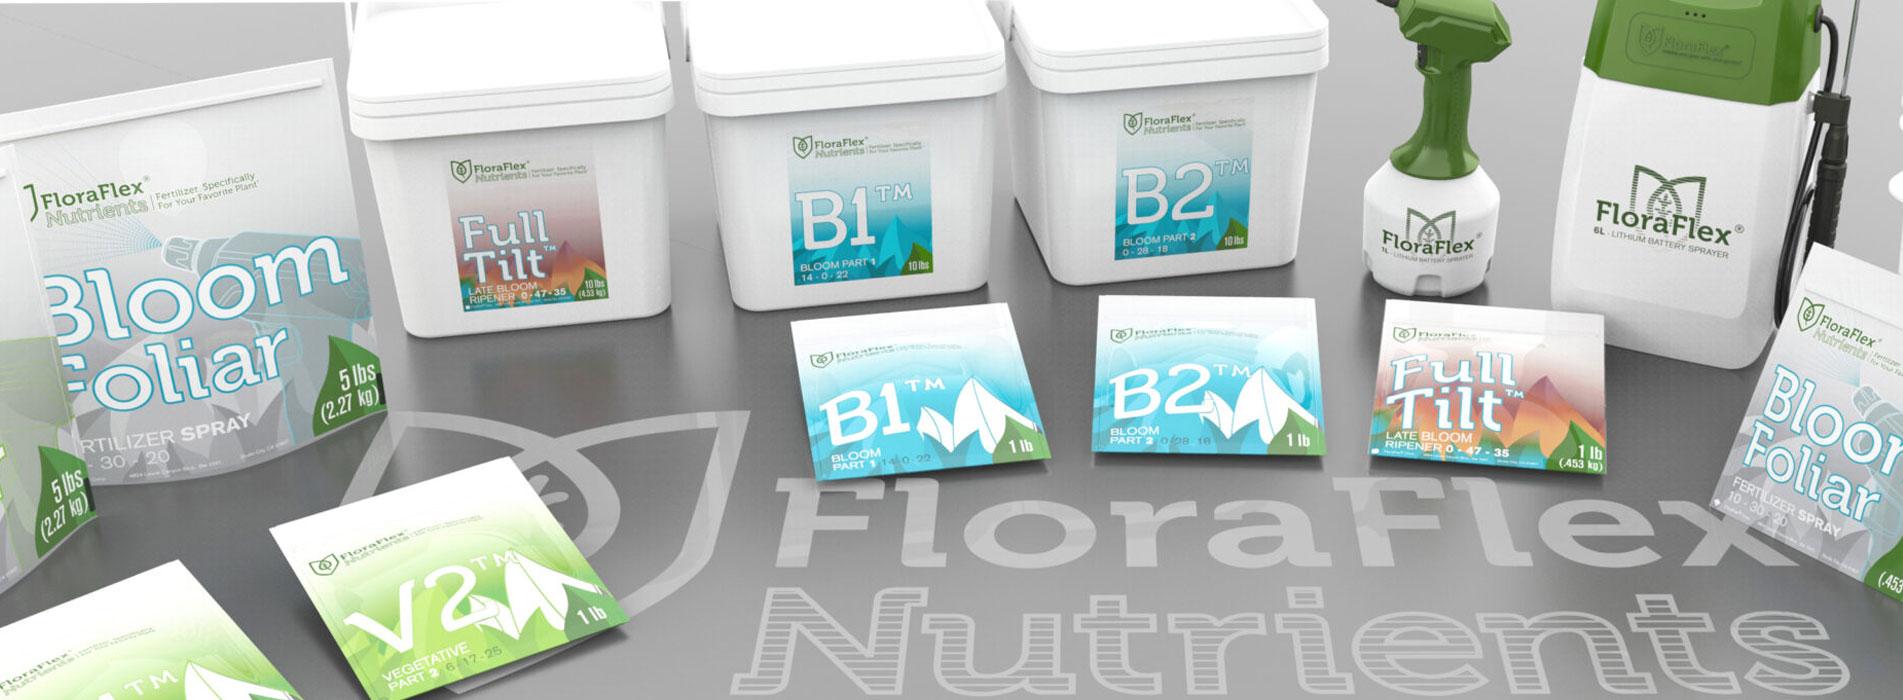 Floraflex Nutrients